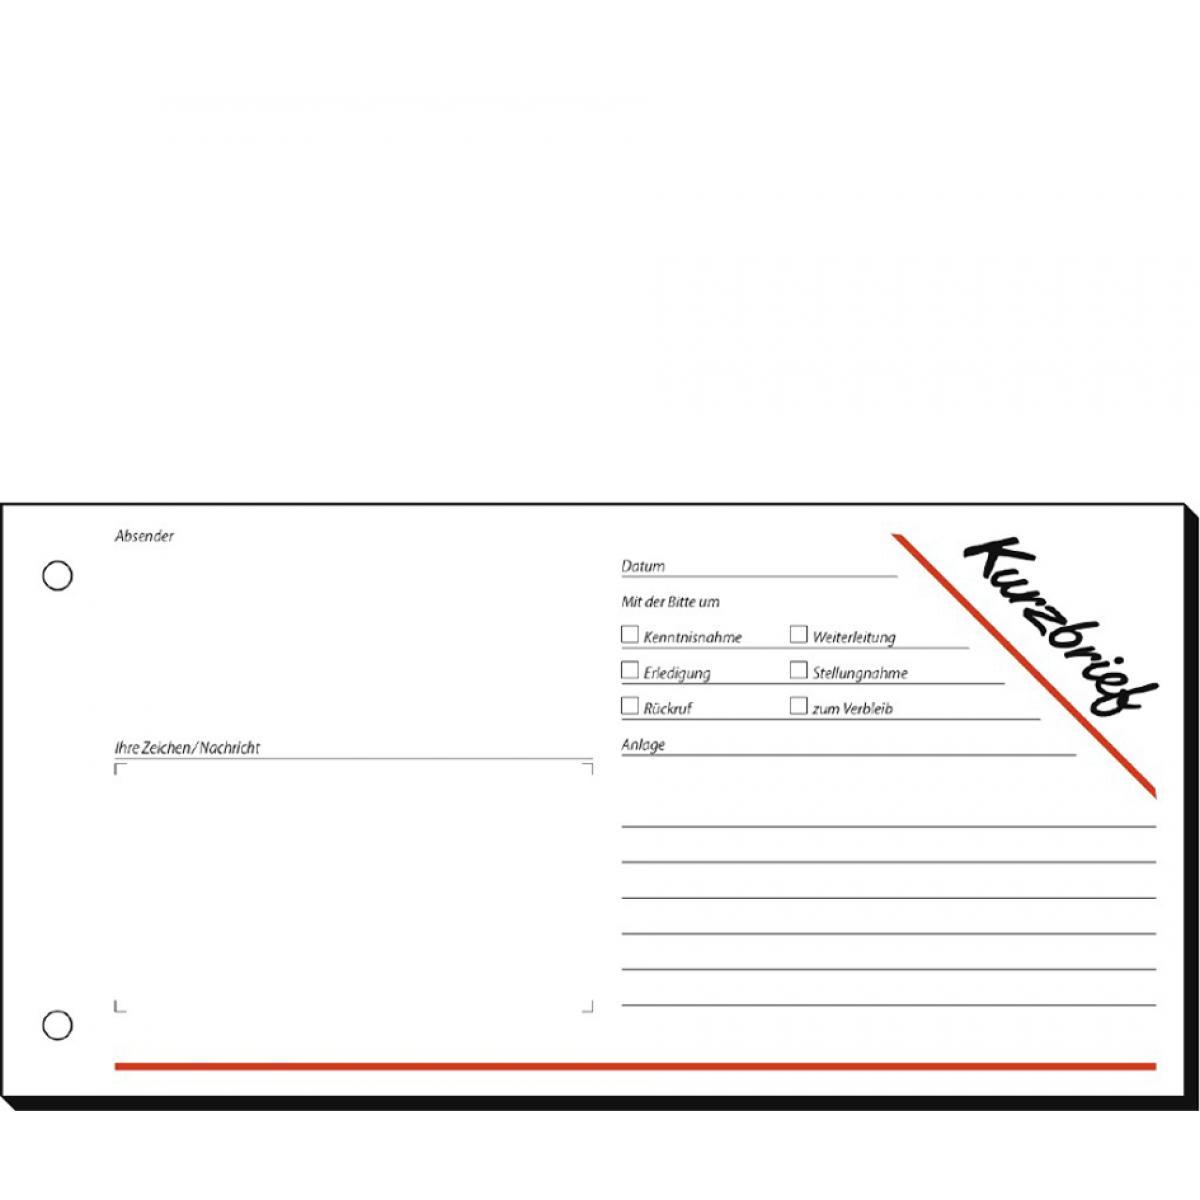 sigel-Formularbuch-Kurzmitteilung-Kurzbrief-1-3-A4-quer-4004360911026